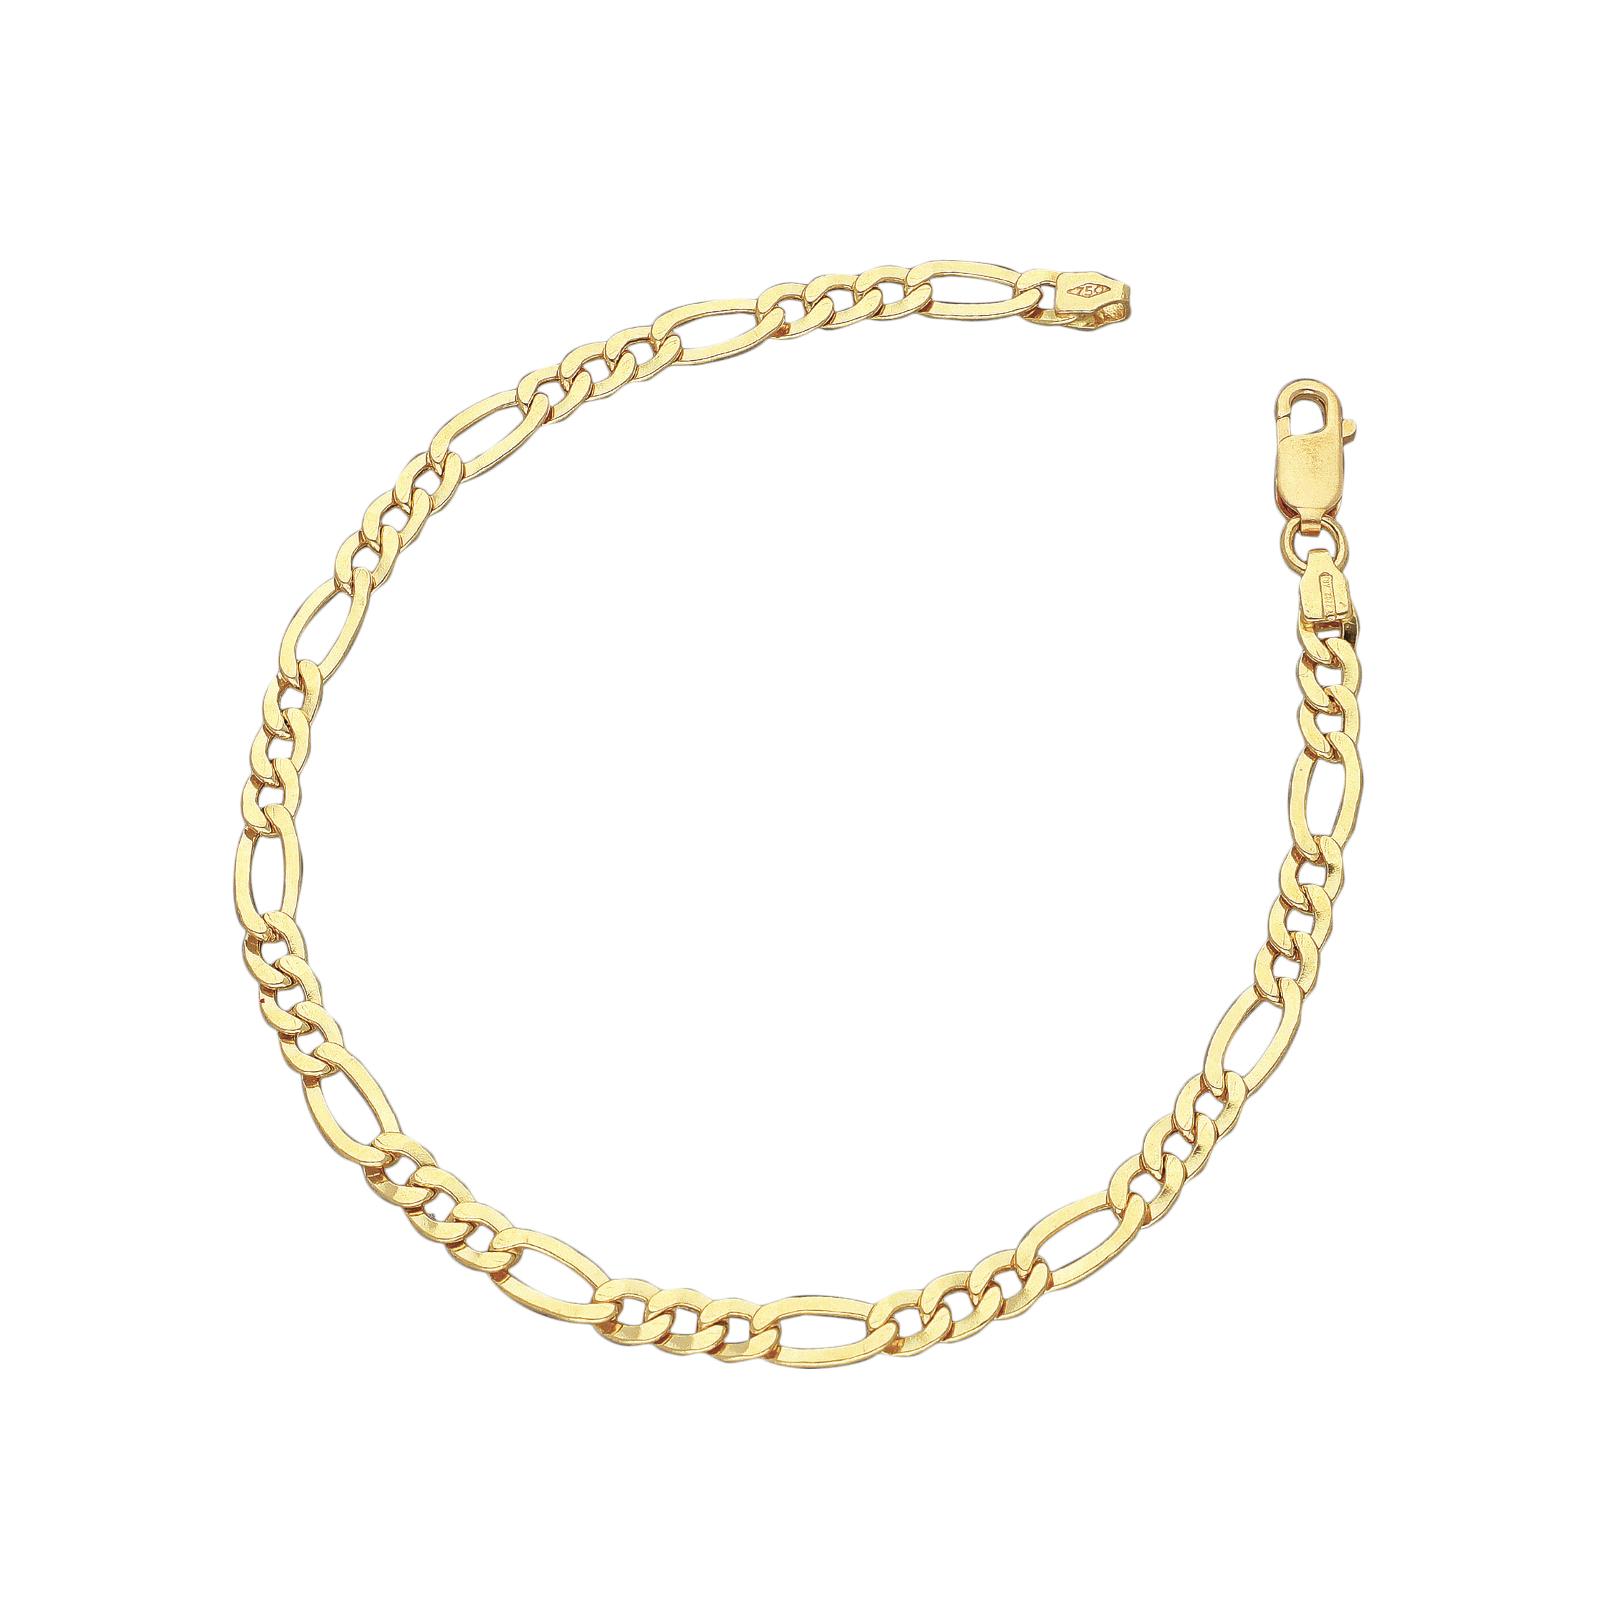 Bracciale Fantasia in Oro Giallo 18k, cm 21.